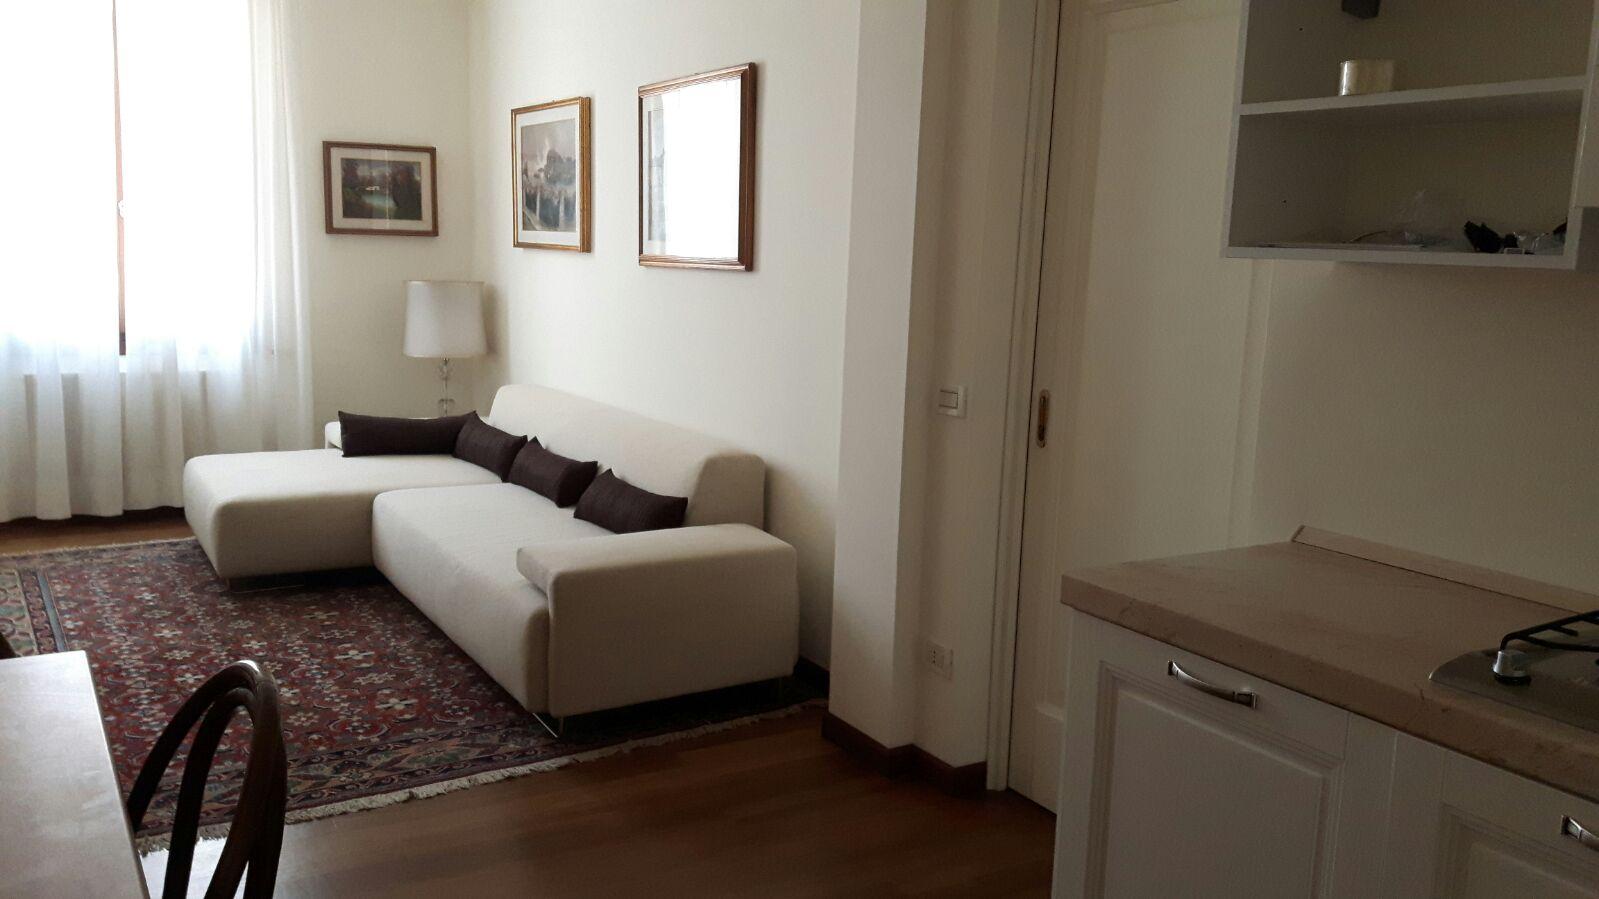 Appartamento in affitto a Treviso, 2 locali, zona Località: Centrostorico, prezzo € 750 | CambioCasa.it